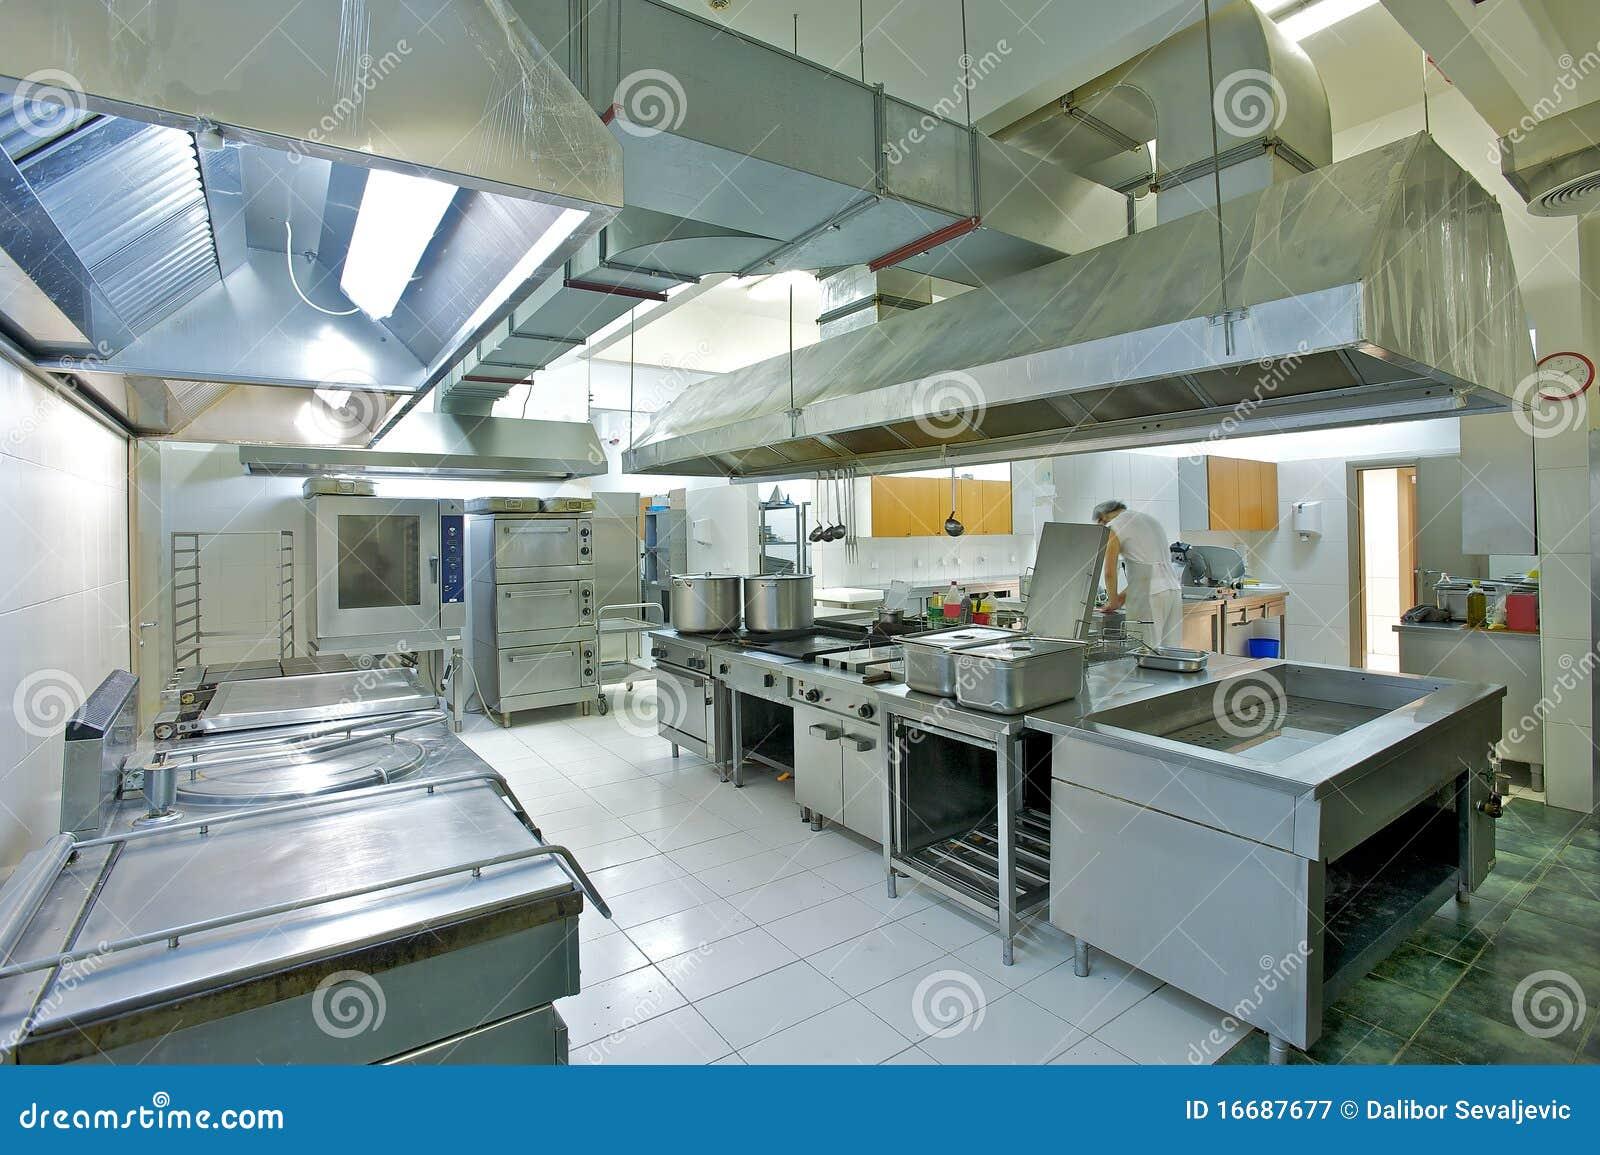 Cozinha Industrial Fotografia de Stock Royalty Free Imagem: 16687677 #51677A 1300 955